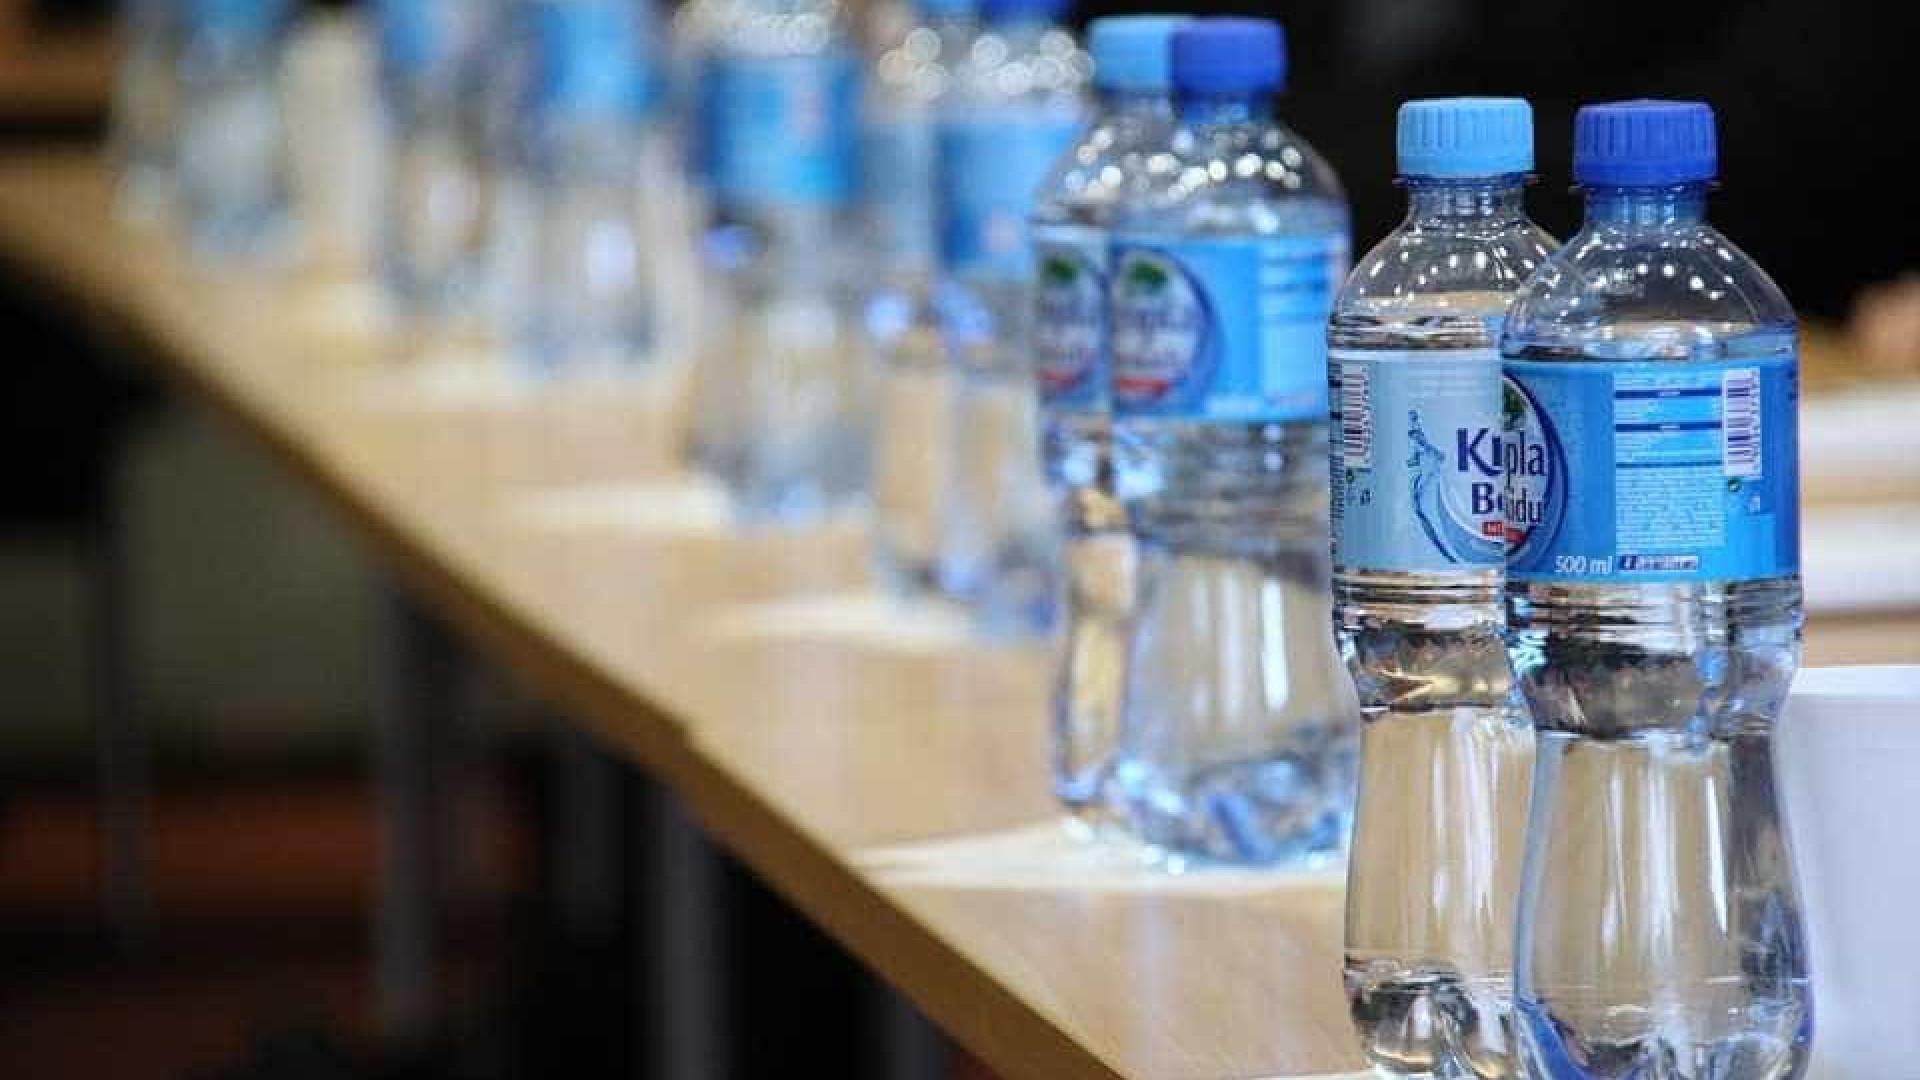 Hotelaria e Restauração querem reduzir utilização de plásticos